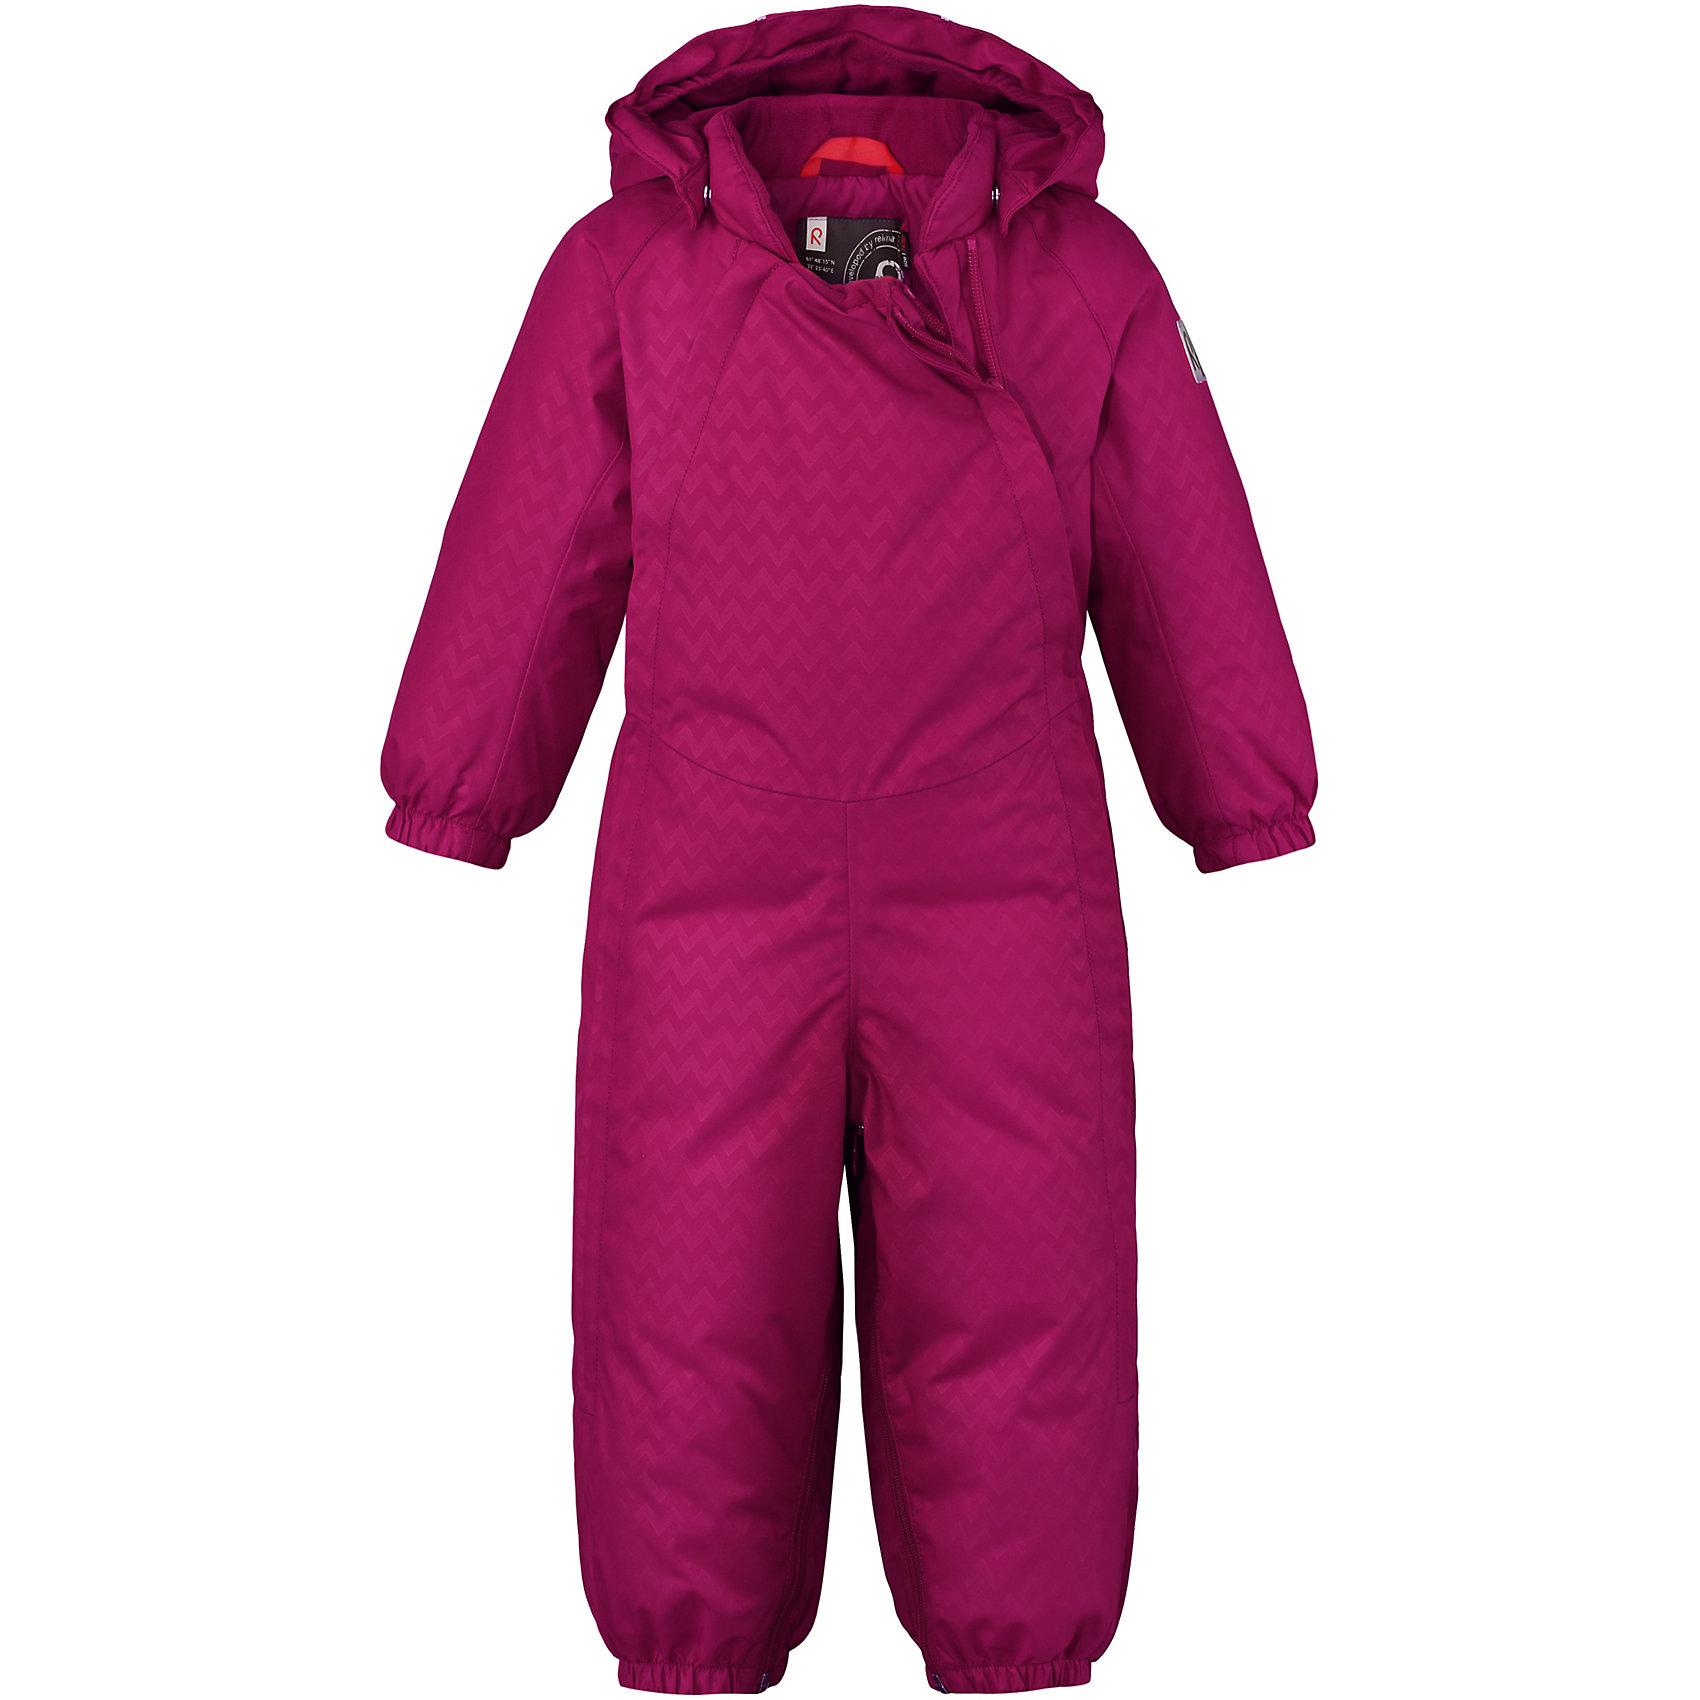 Комбинезон Pouch Reimatec®+ ReimaВерхняя одежда<br>Невероятно теплый и практичный пуховый комбинезон для малышей с помощью молнии в одно мгновение превращается в конверт! Этот зимний комбинезон для малышей изготовлен из наших лучших материалов: Качество Reimatec®+ означает абсолютно водо- и ветронепроницаемую, прочную и дышащую одежду –  качество, которое позволяет детям весело играть на свежем воздухе в тепле и сухости. Две длинные молнии спереди облегчают надевание, а регулируемый капюшон при желании можно снять. Съемный капюшон обеспечивает дополнительную безопасность во время игр на улице – благодаря кнопкам он легко отстегнется, если случайно за что-нибудь зацепится. <br>Состав:<br>100% Полиэстер<br><br>Ширина мм: 356<br>Глубина мм: 10<br>Высота мм: 245<br>Вес г: 519<br>Цвет: розовый<br>Возраст от месяцев: 6<br>Возраст до месяцев: 9<br>Пол: Унисекс<br>Возраст: Детский<br>Размер: 74/80,62/68<br>SKU: 6968396